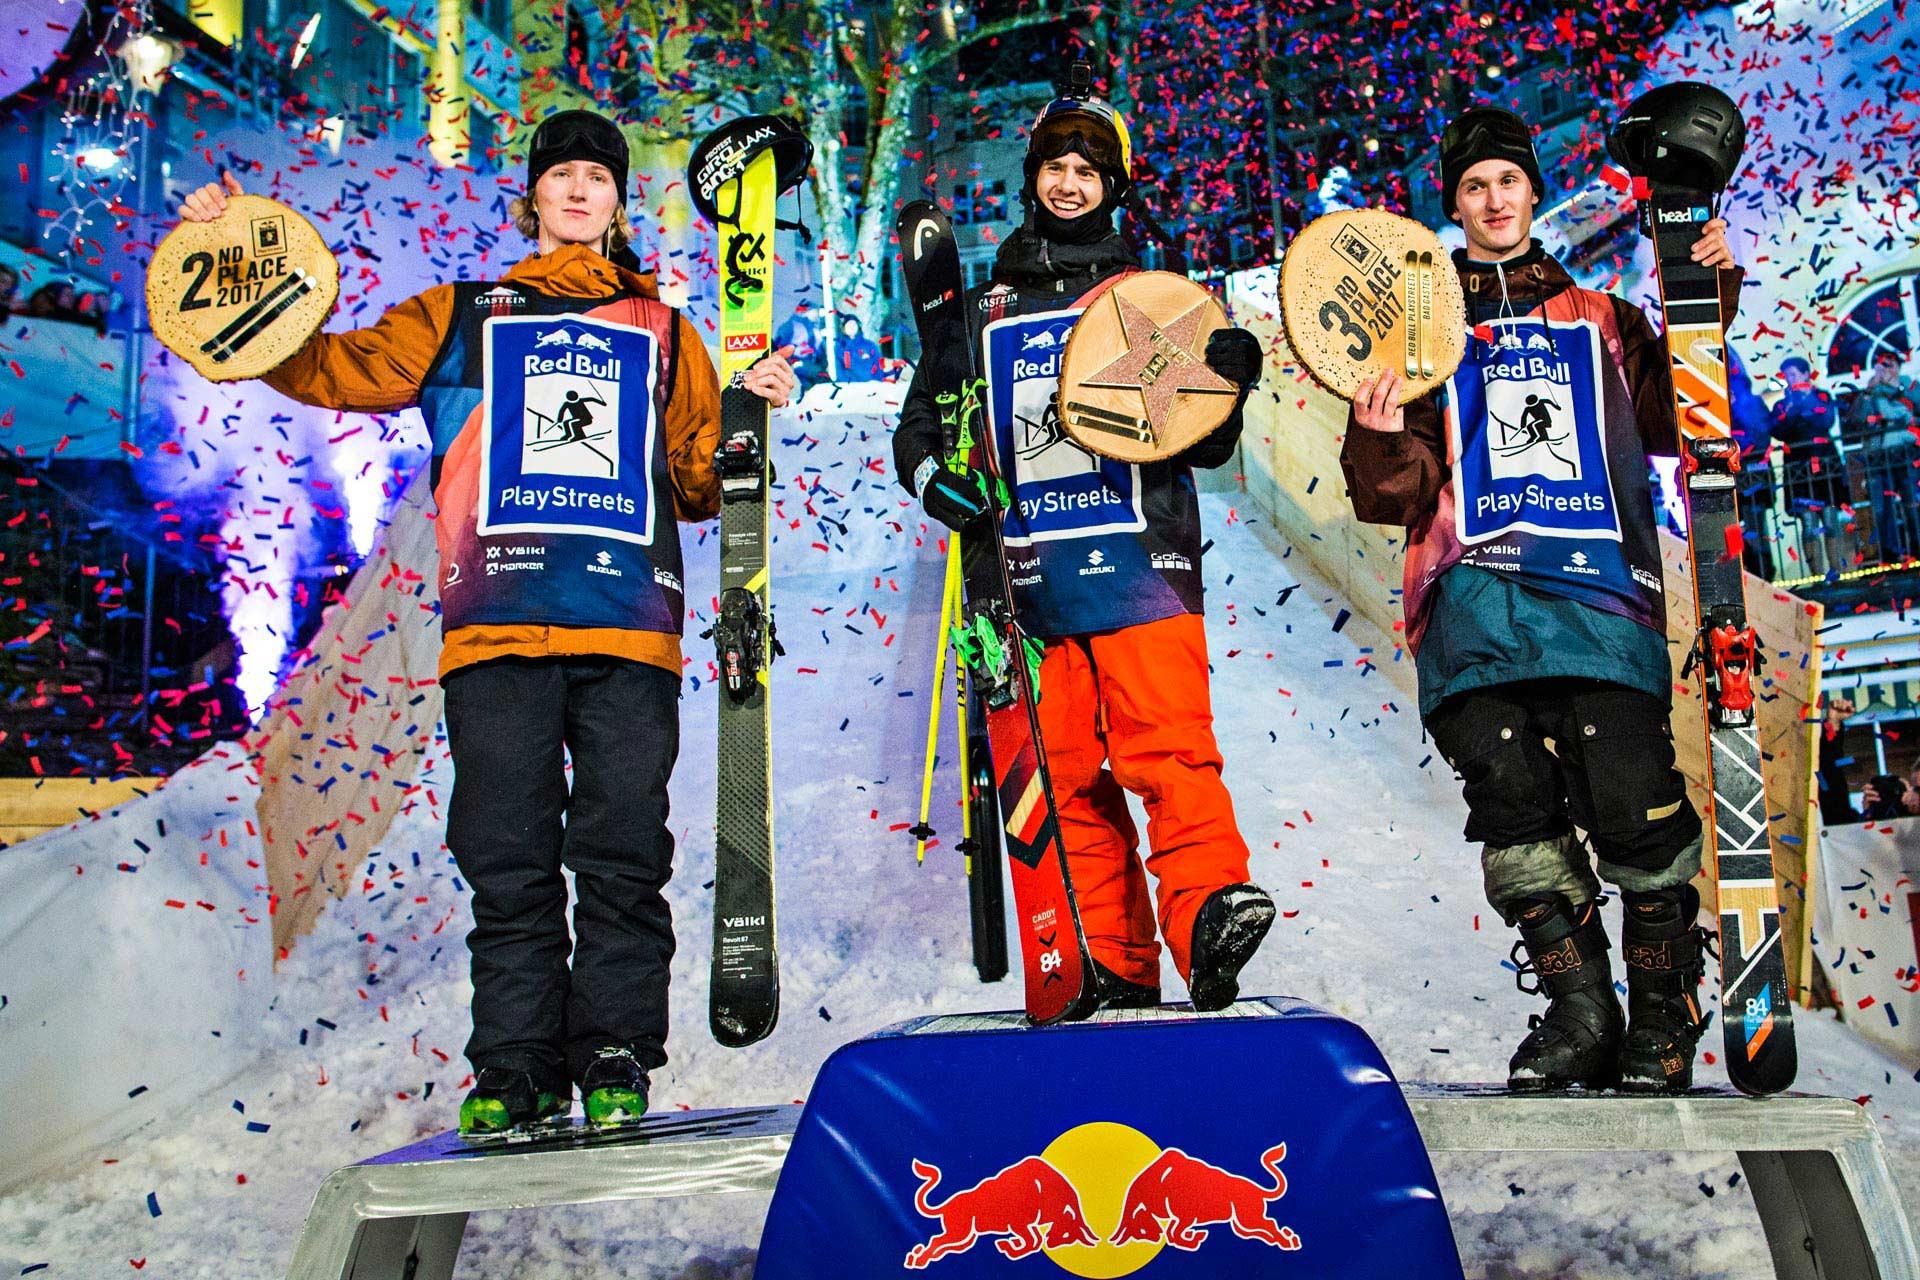 Die Gewinner der Playstreets 2017: Andri Ragettli, Jesper Tjäder und Lukas Müllauer. Actionbilder vom City-Contest findet ihr oben - Foto: Red Bull Content Pool